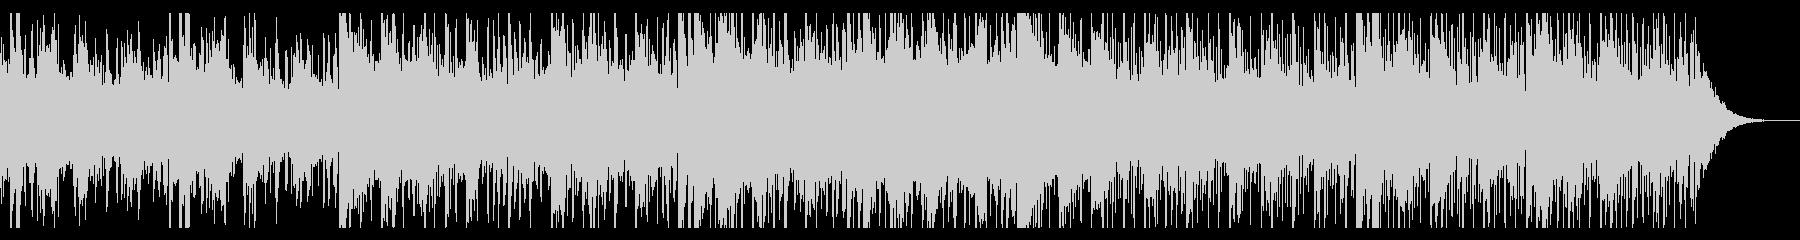 ダークなシネマティックIDMの未再生の波形